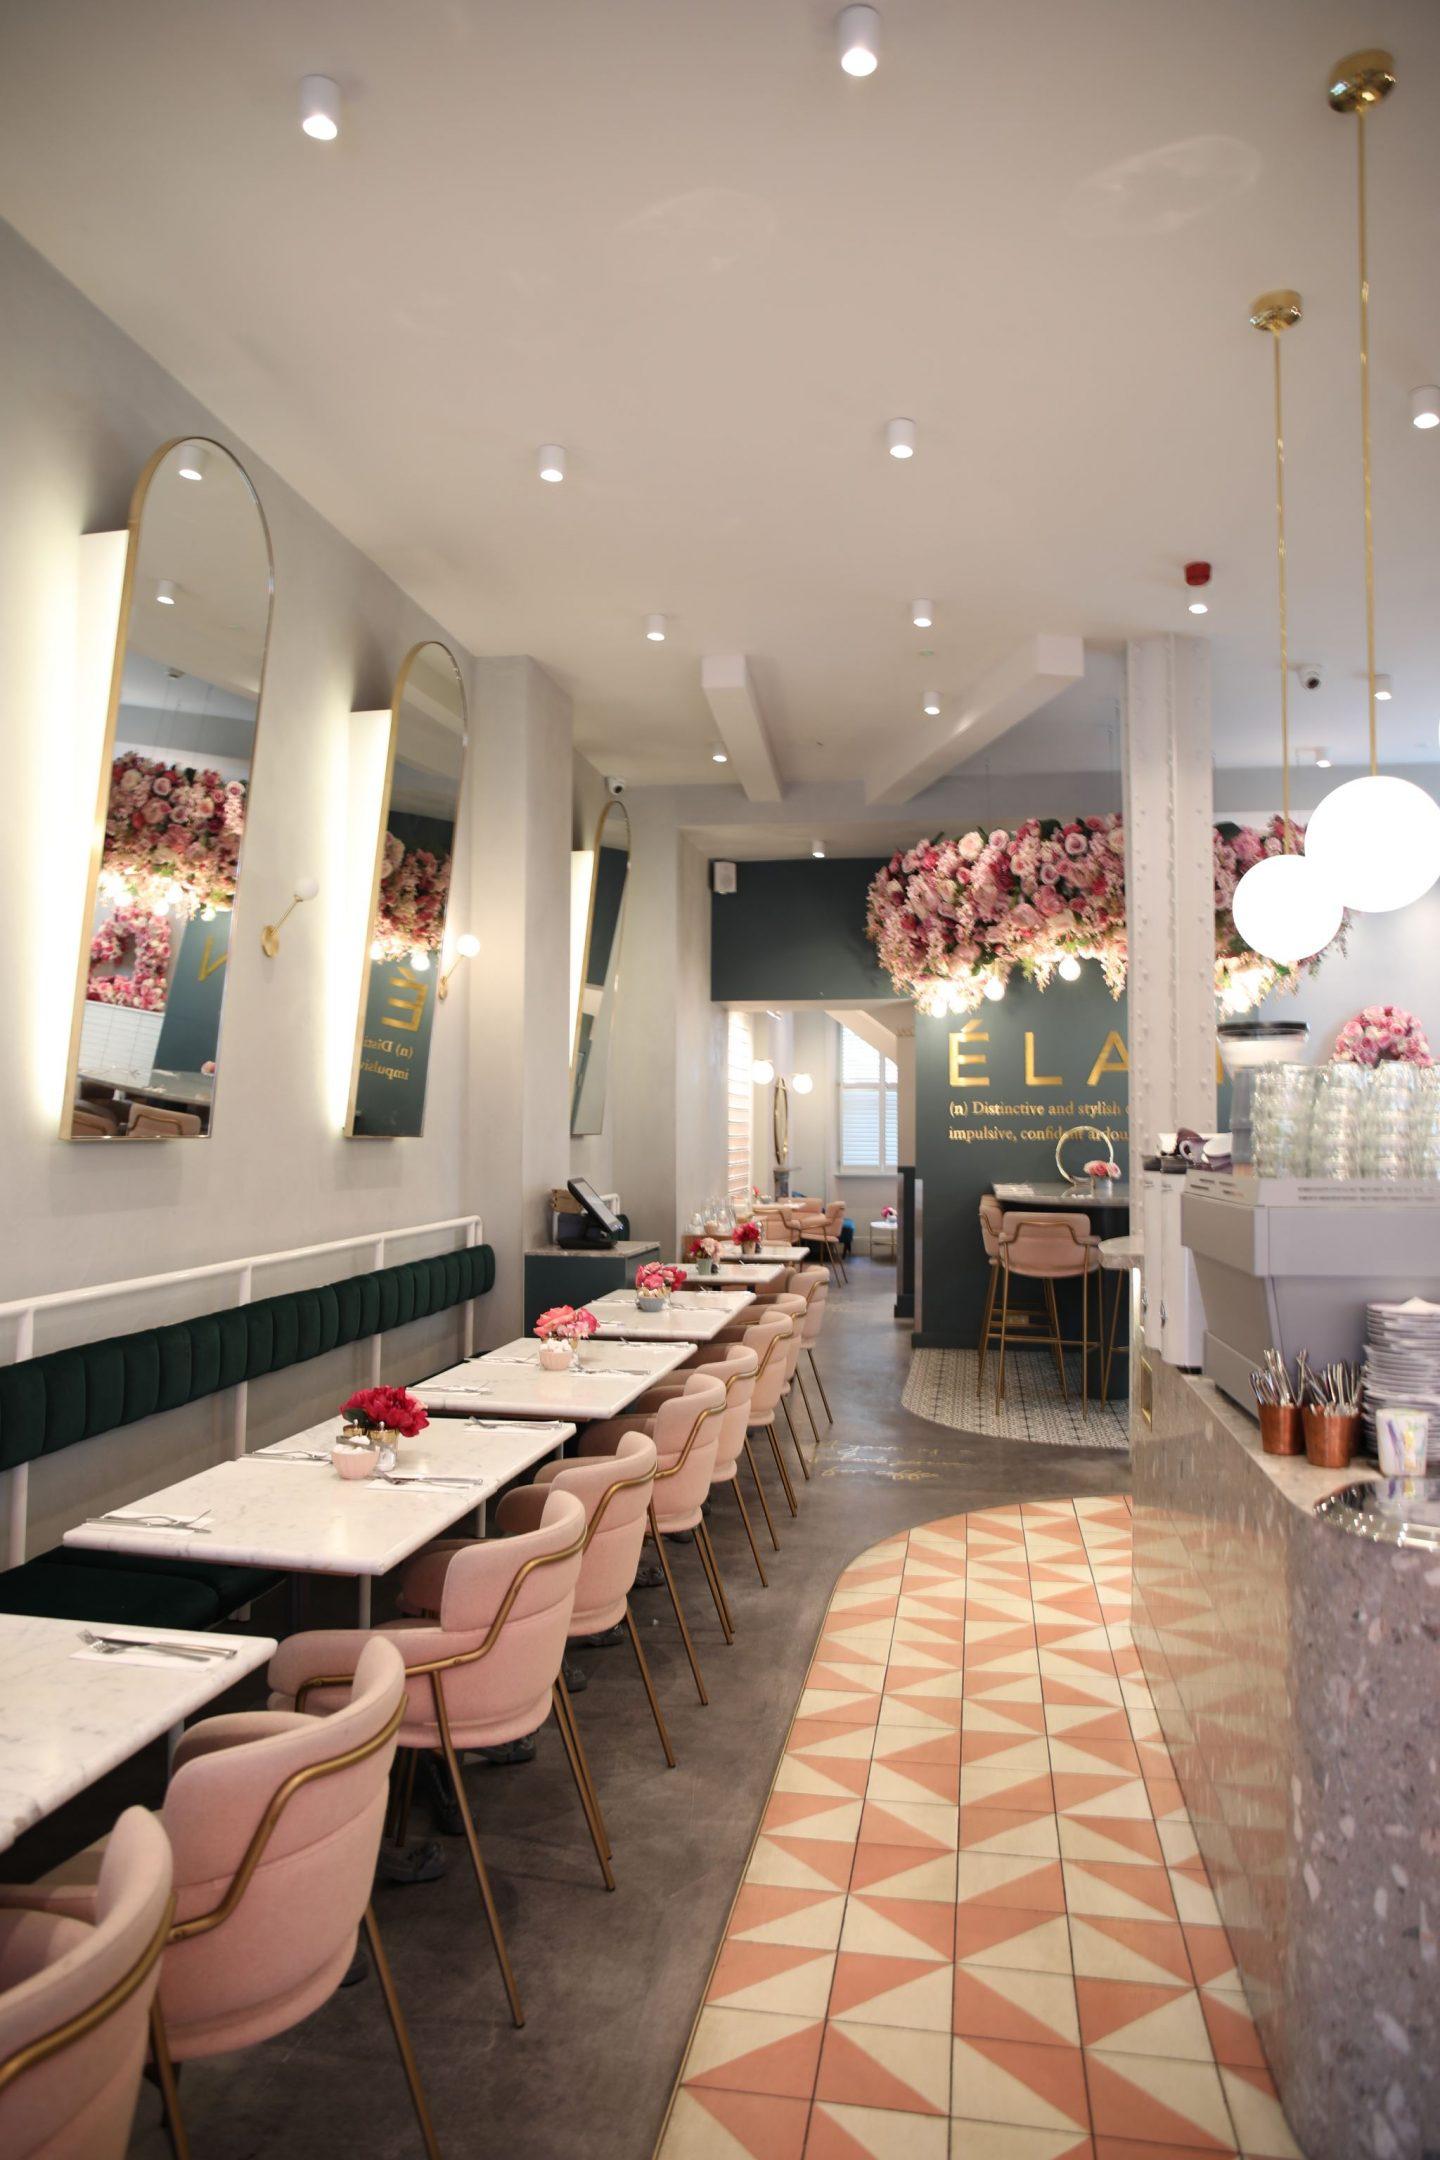 Elan Cafe, Katie KALANCHOE